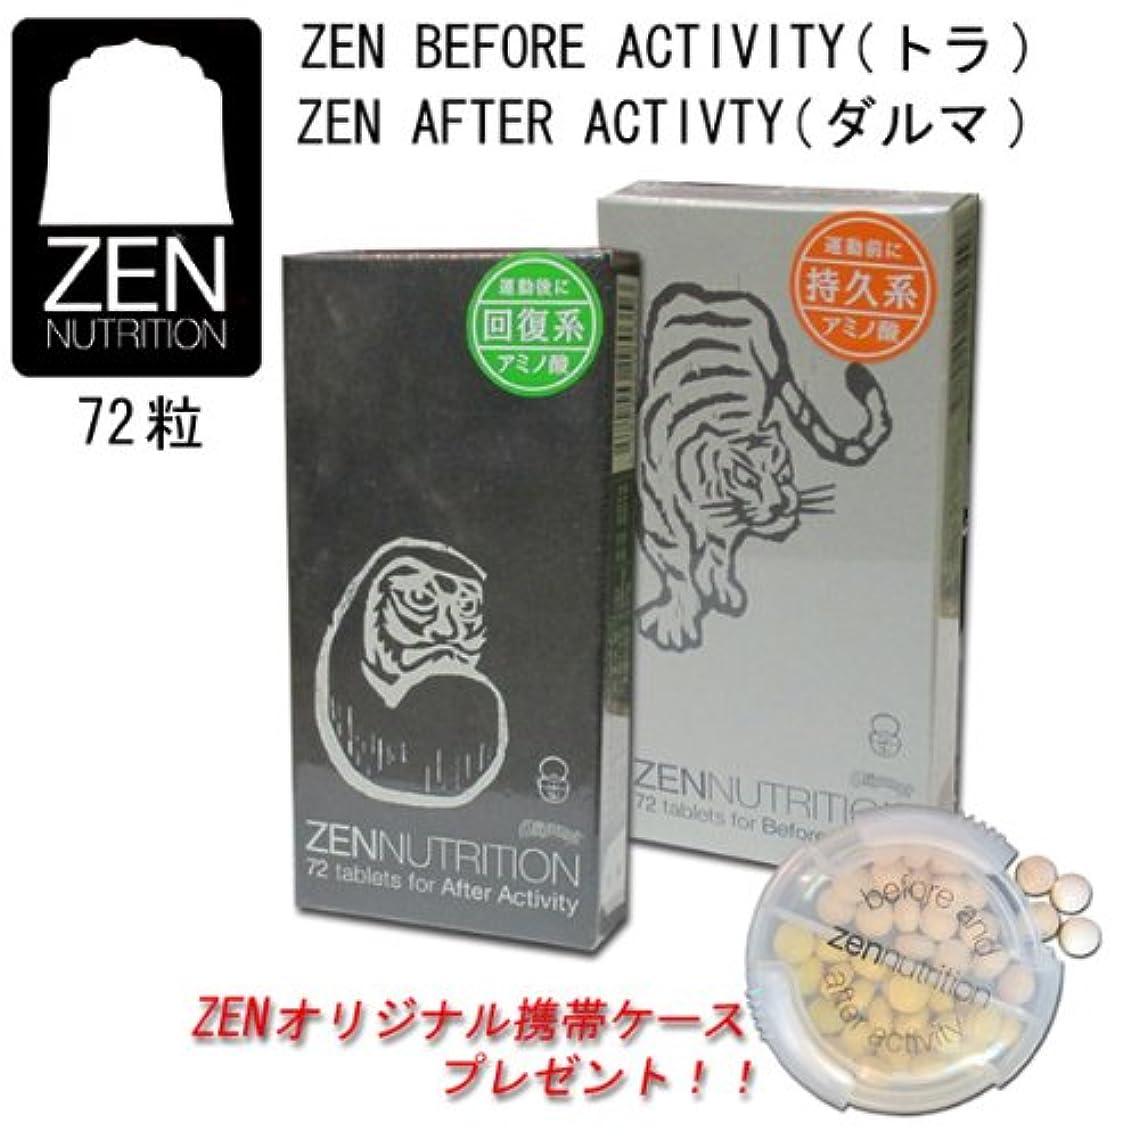 酒成長もっともらしいZenスーパードライブEX&リロードEXセット(エコボックスM) ゼンサプリメントセットがお得携帯ケースプレゼント アミノ酸